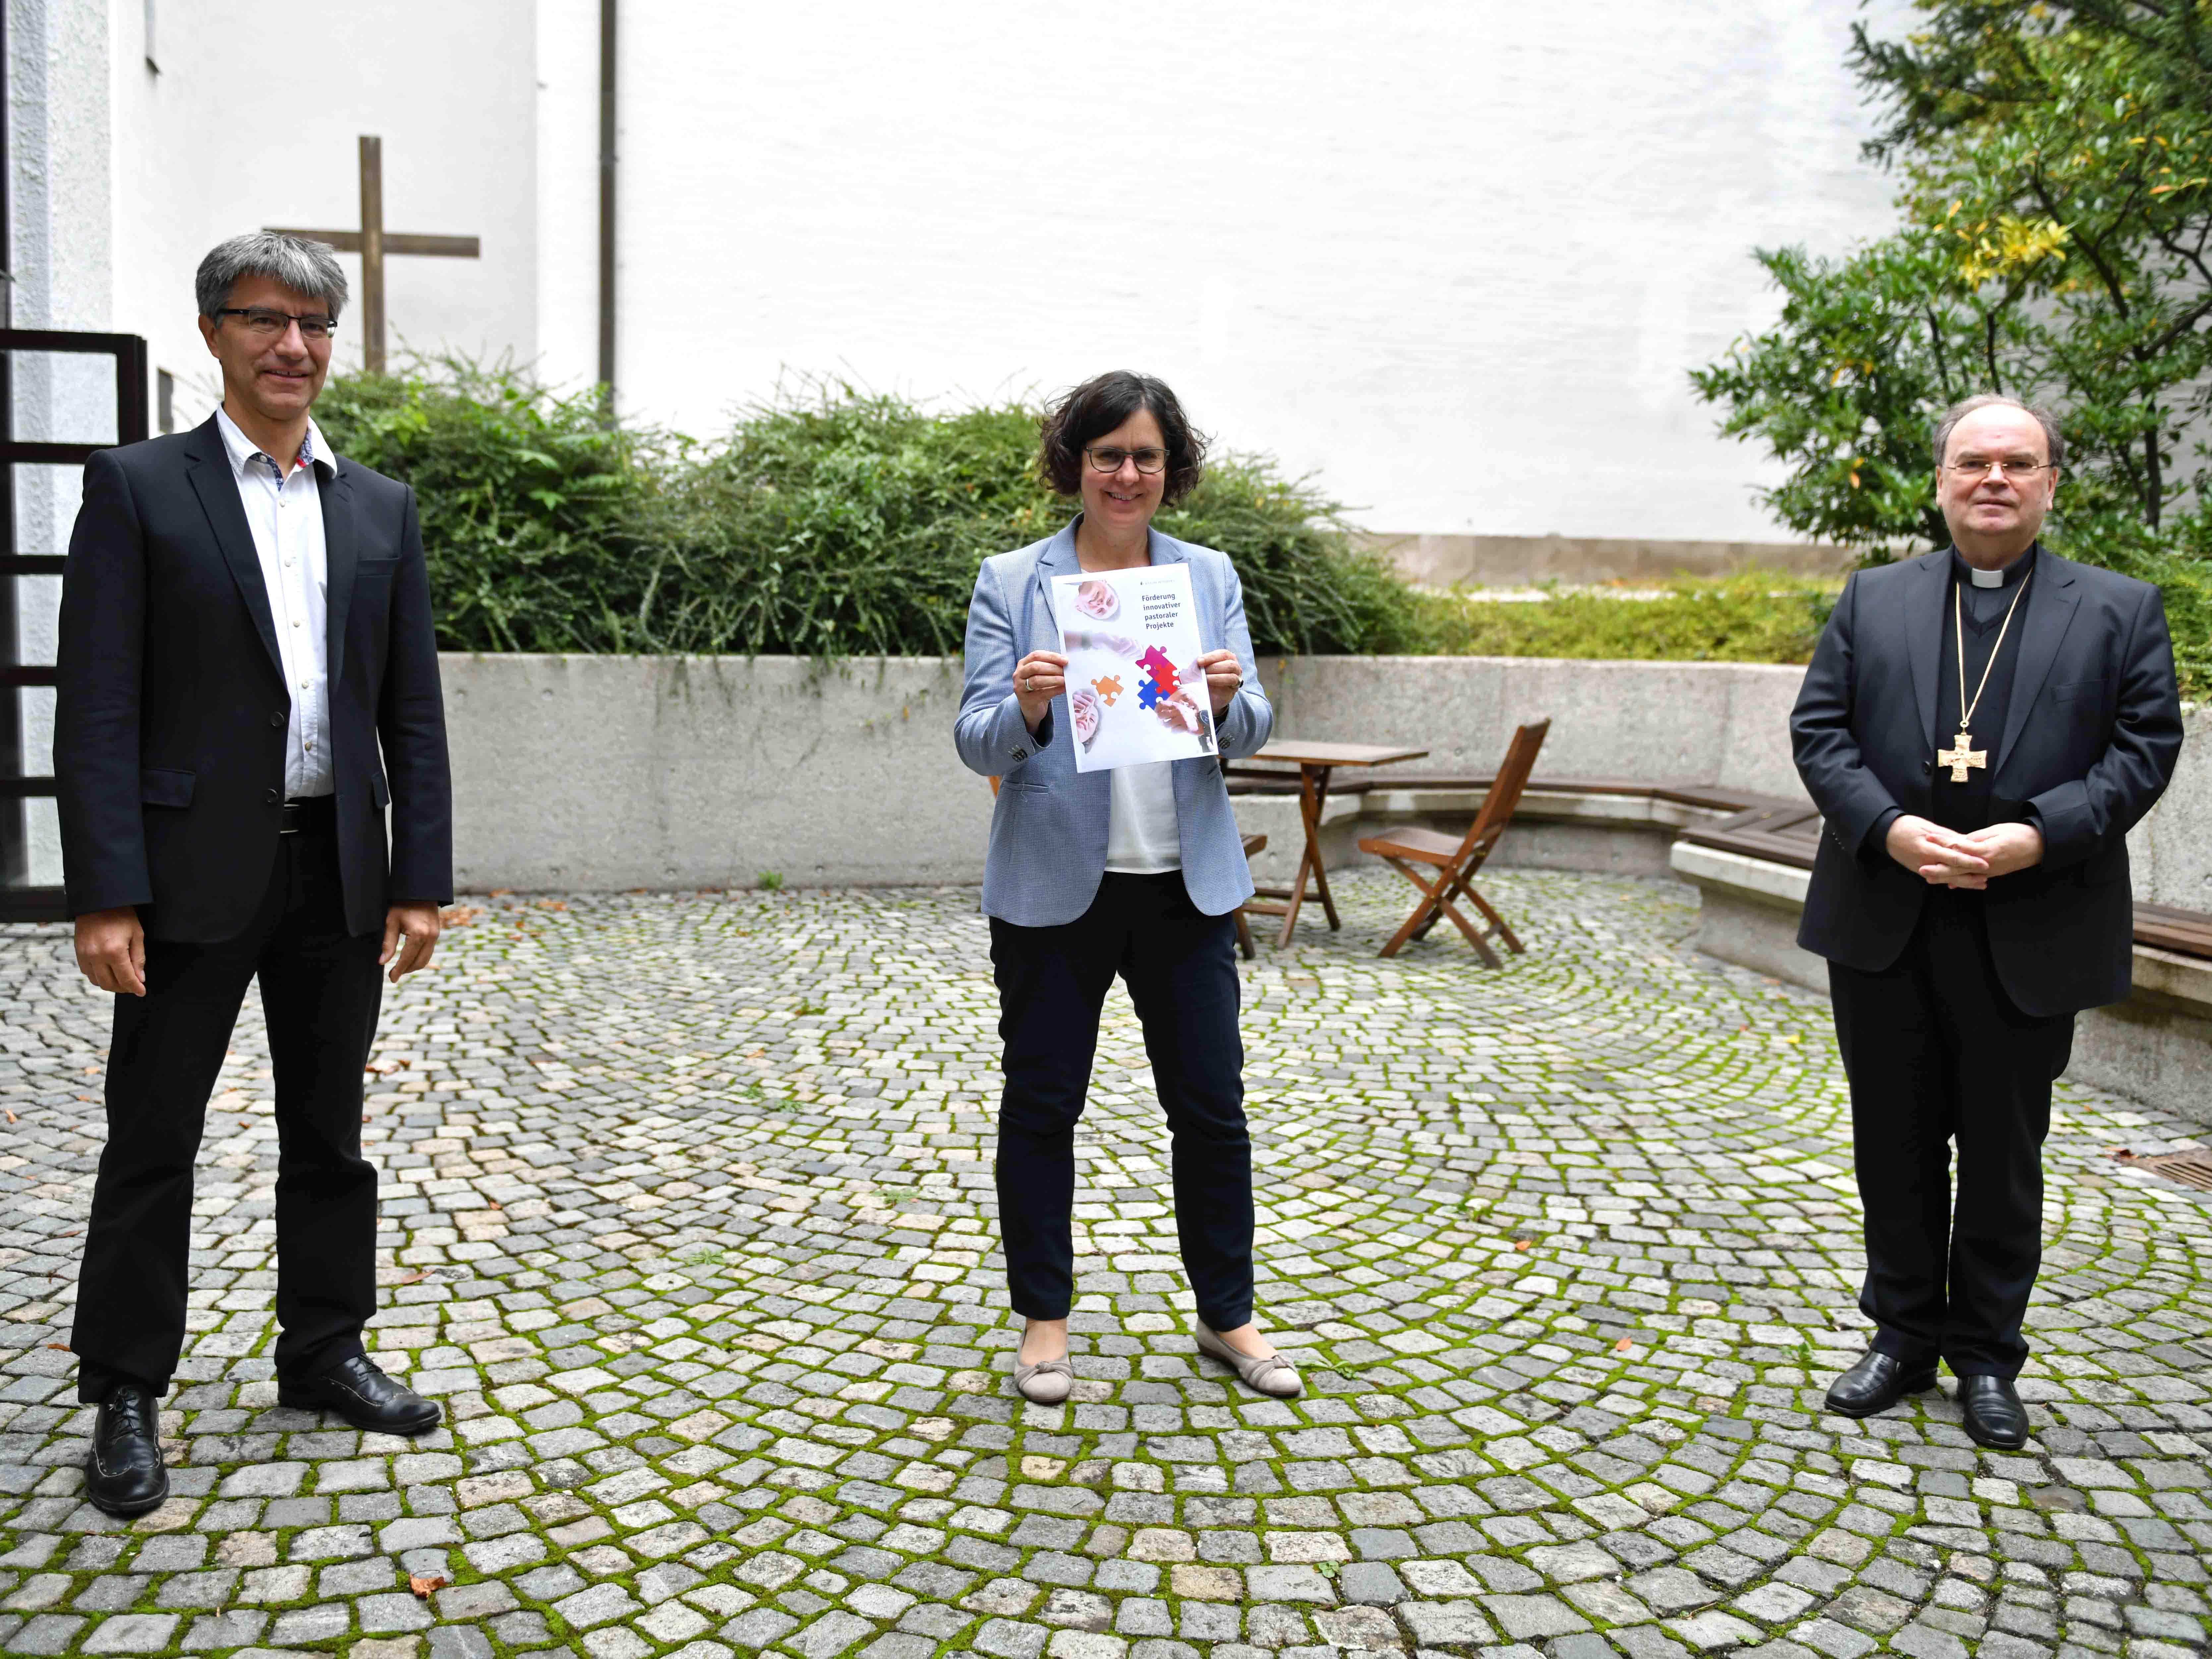 Bei der Vorstellung des Innovationsfonds im Haus St. Ulrich (v.l.): Dr. Thomas Wienhardt, Angelika Maucher, Bischof Dr. Bertram Meier. (Foto: Nicolas Schnall / pba)